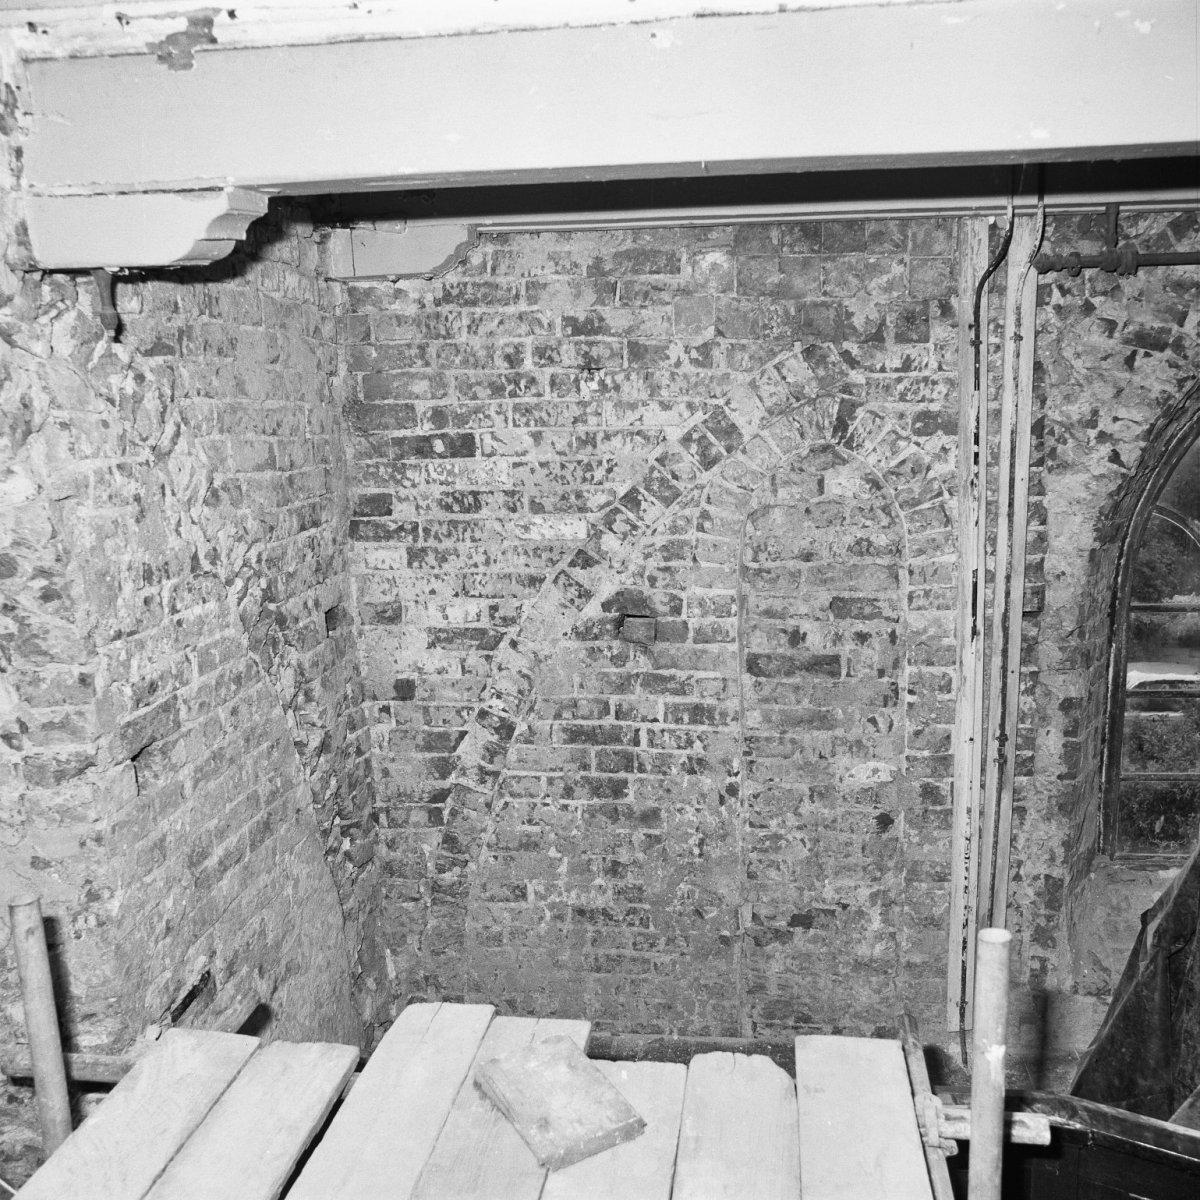 Bestand interieur gedeelte ontpleisterde muur stitswerd 20307058 wikipedia - Interieur muur ...